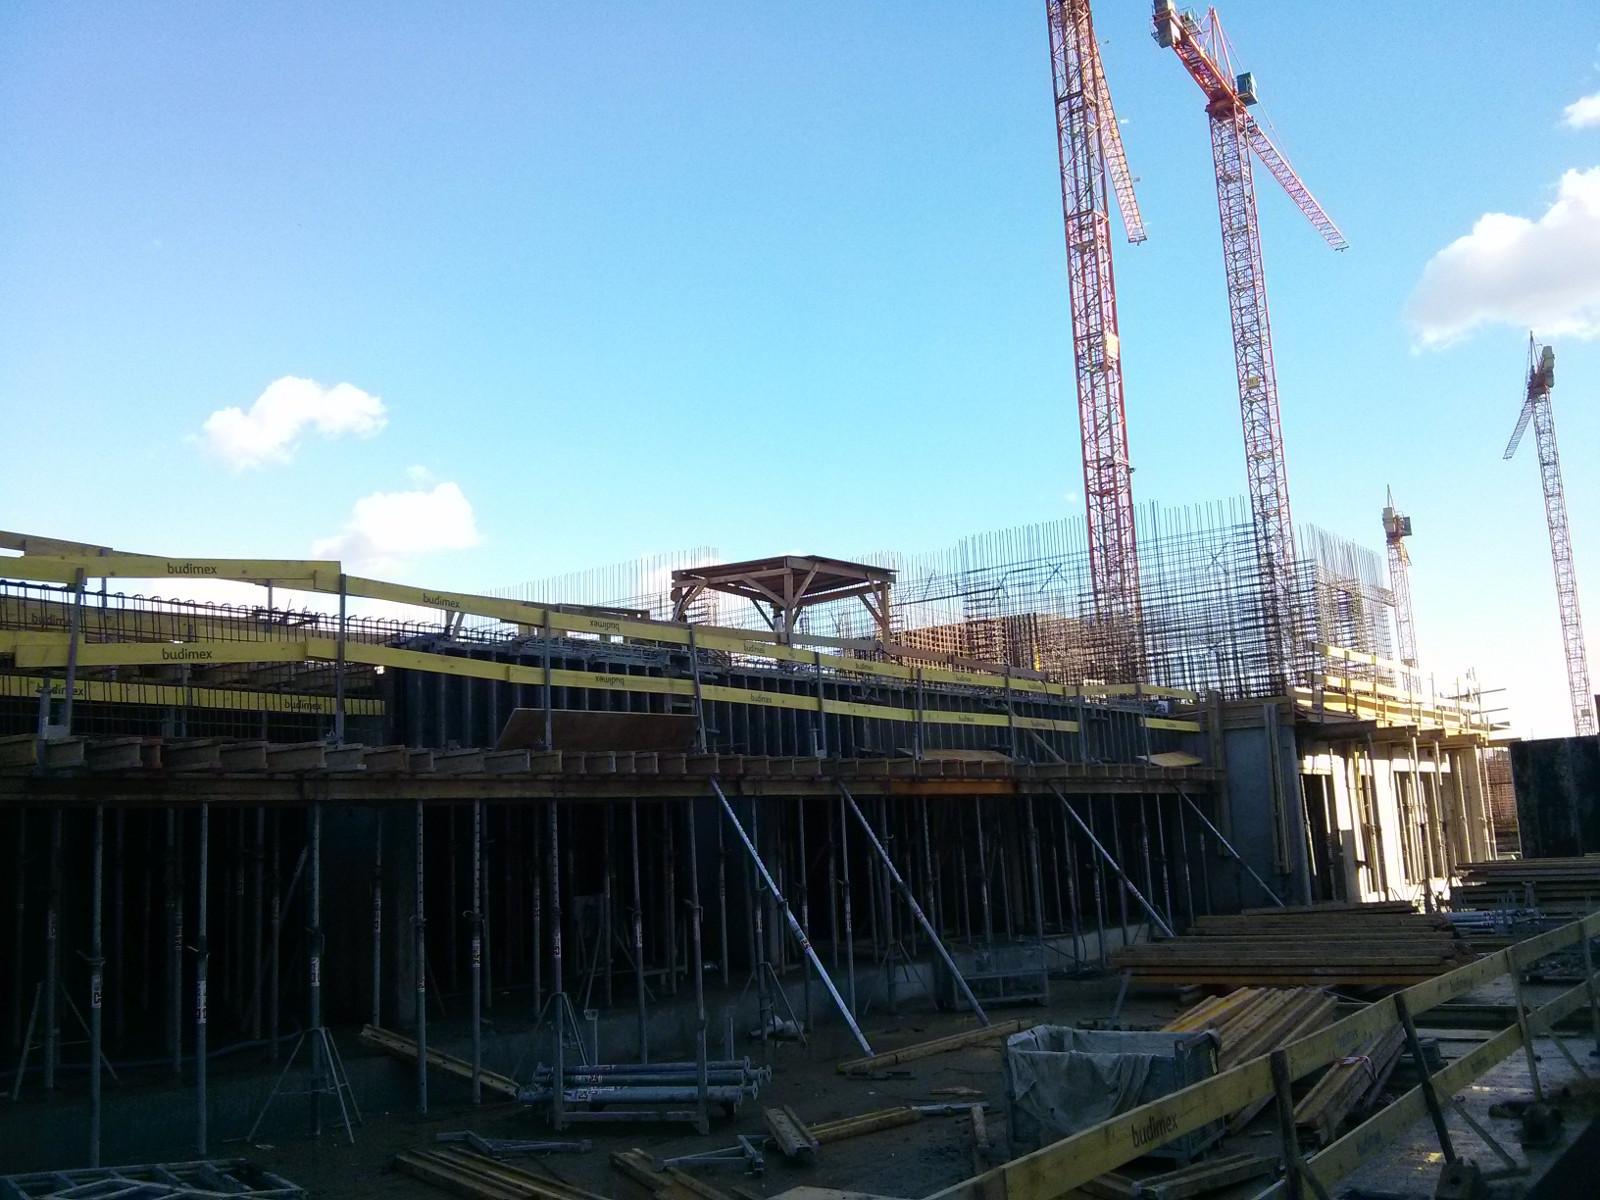 Orlińskiego 3 - budowa tanich mieszkań w MdM w Krakowie Czyżynach